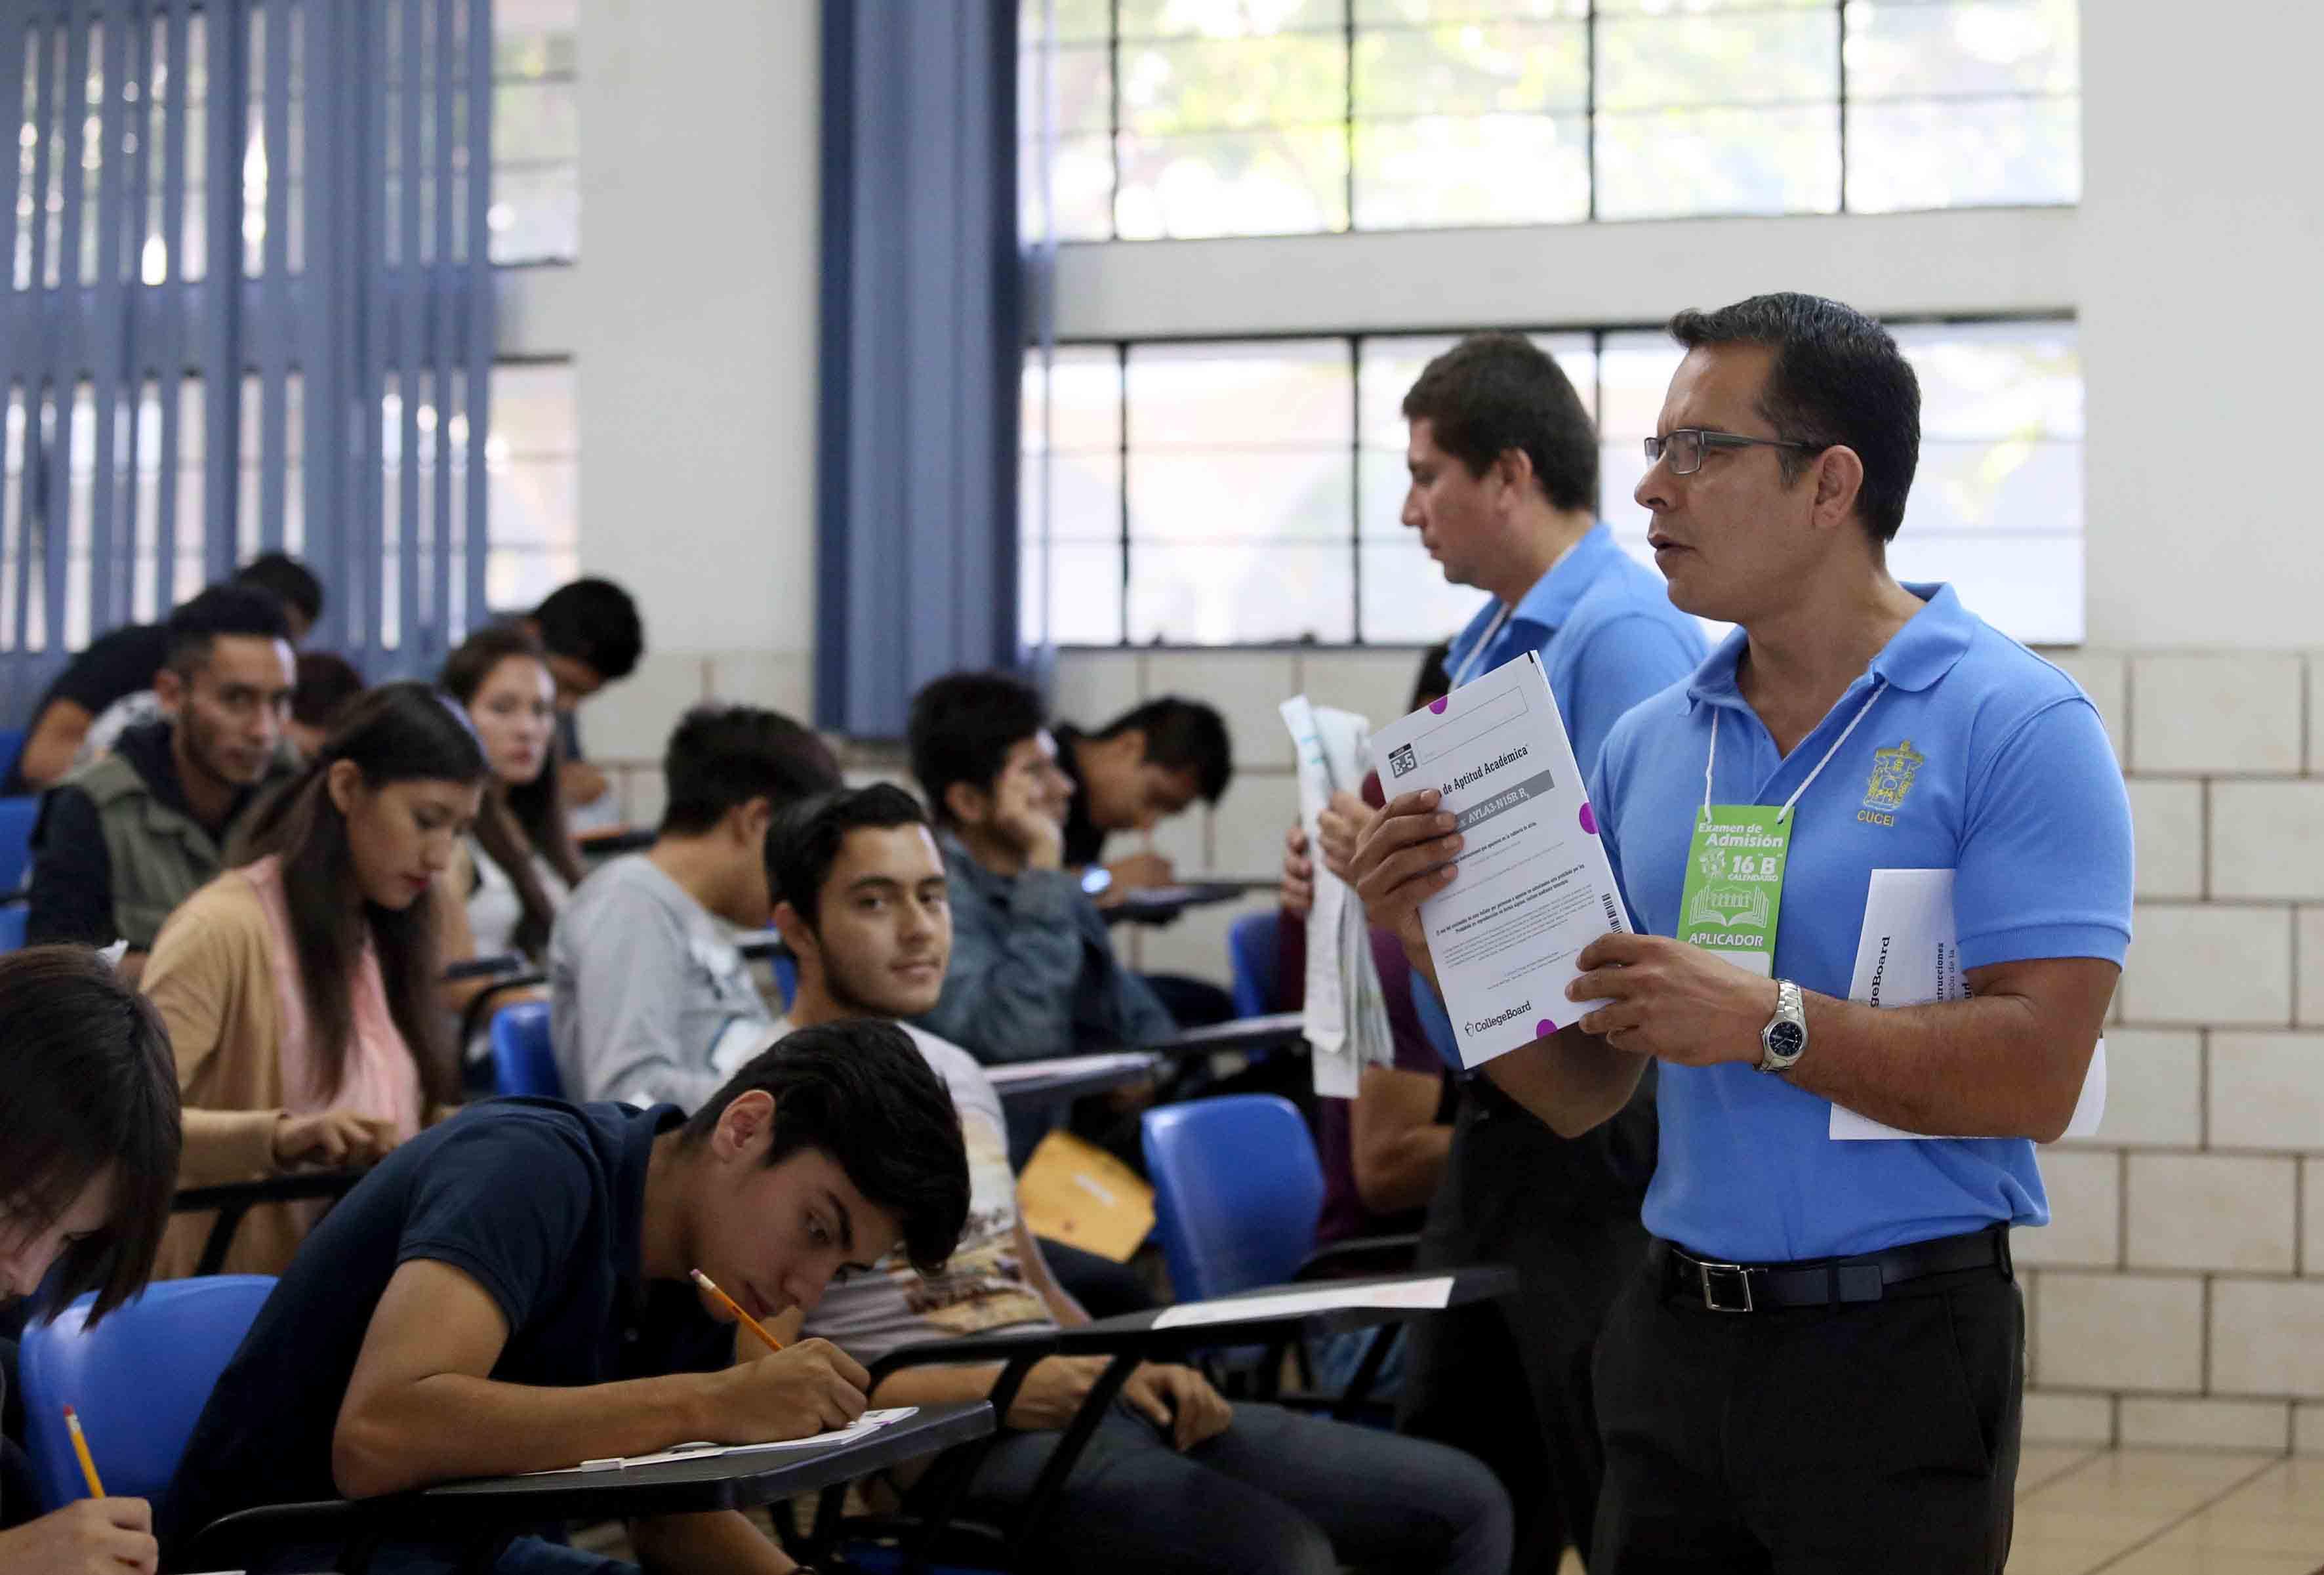 Aspirantes a licenciatura, aplicando el examen de admisión en un centro universitaria de la Red Universitaria.